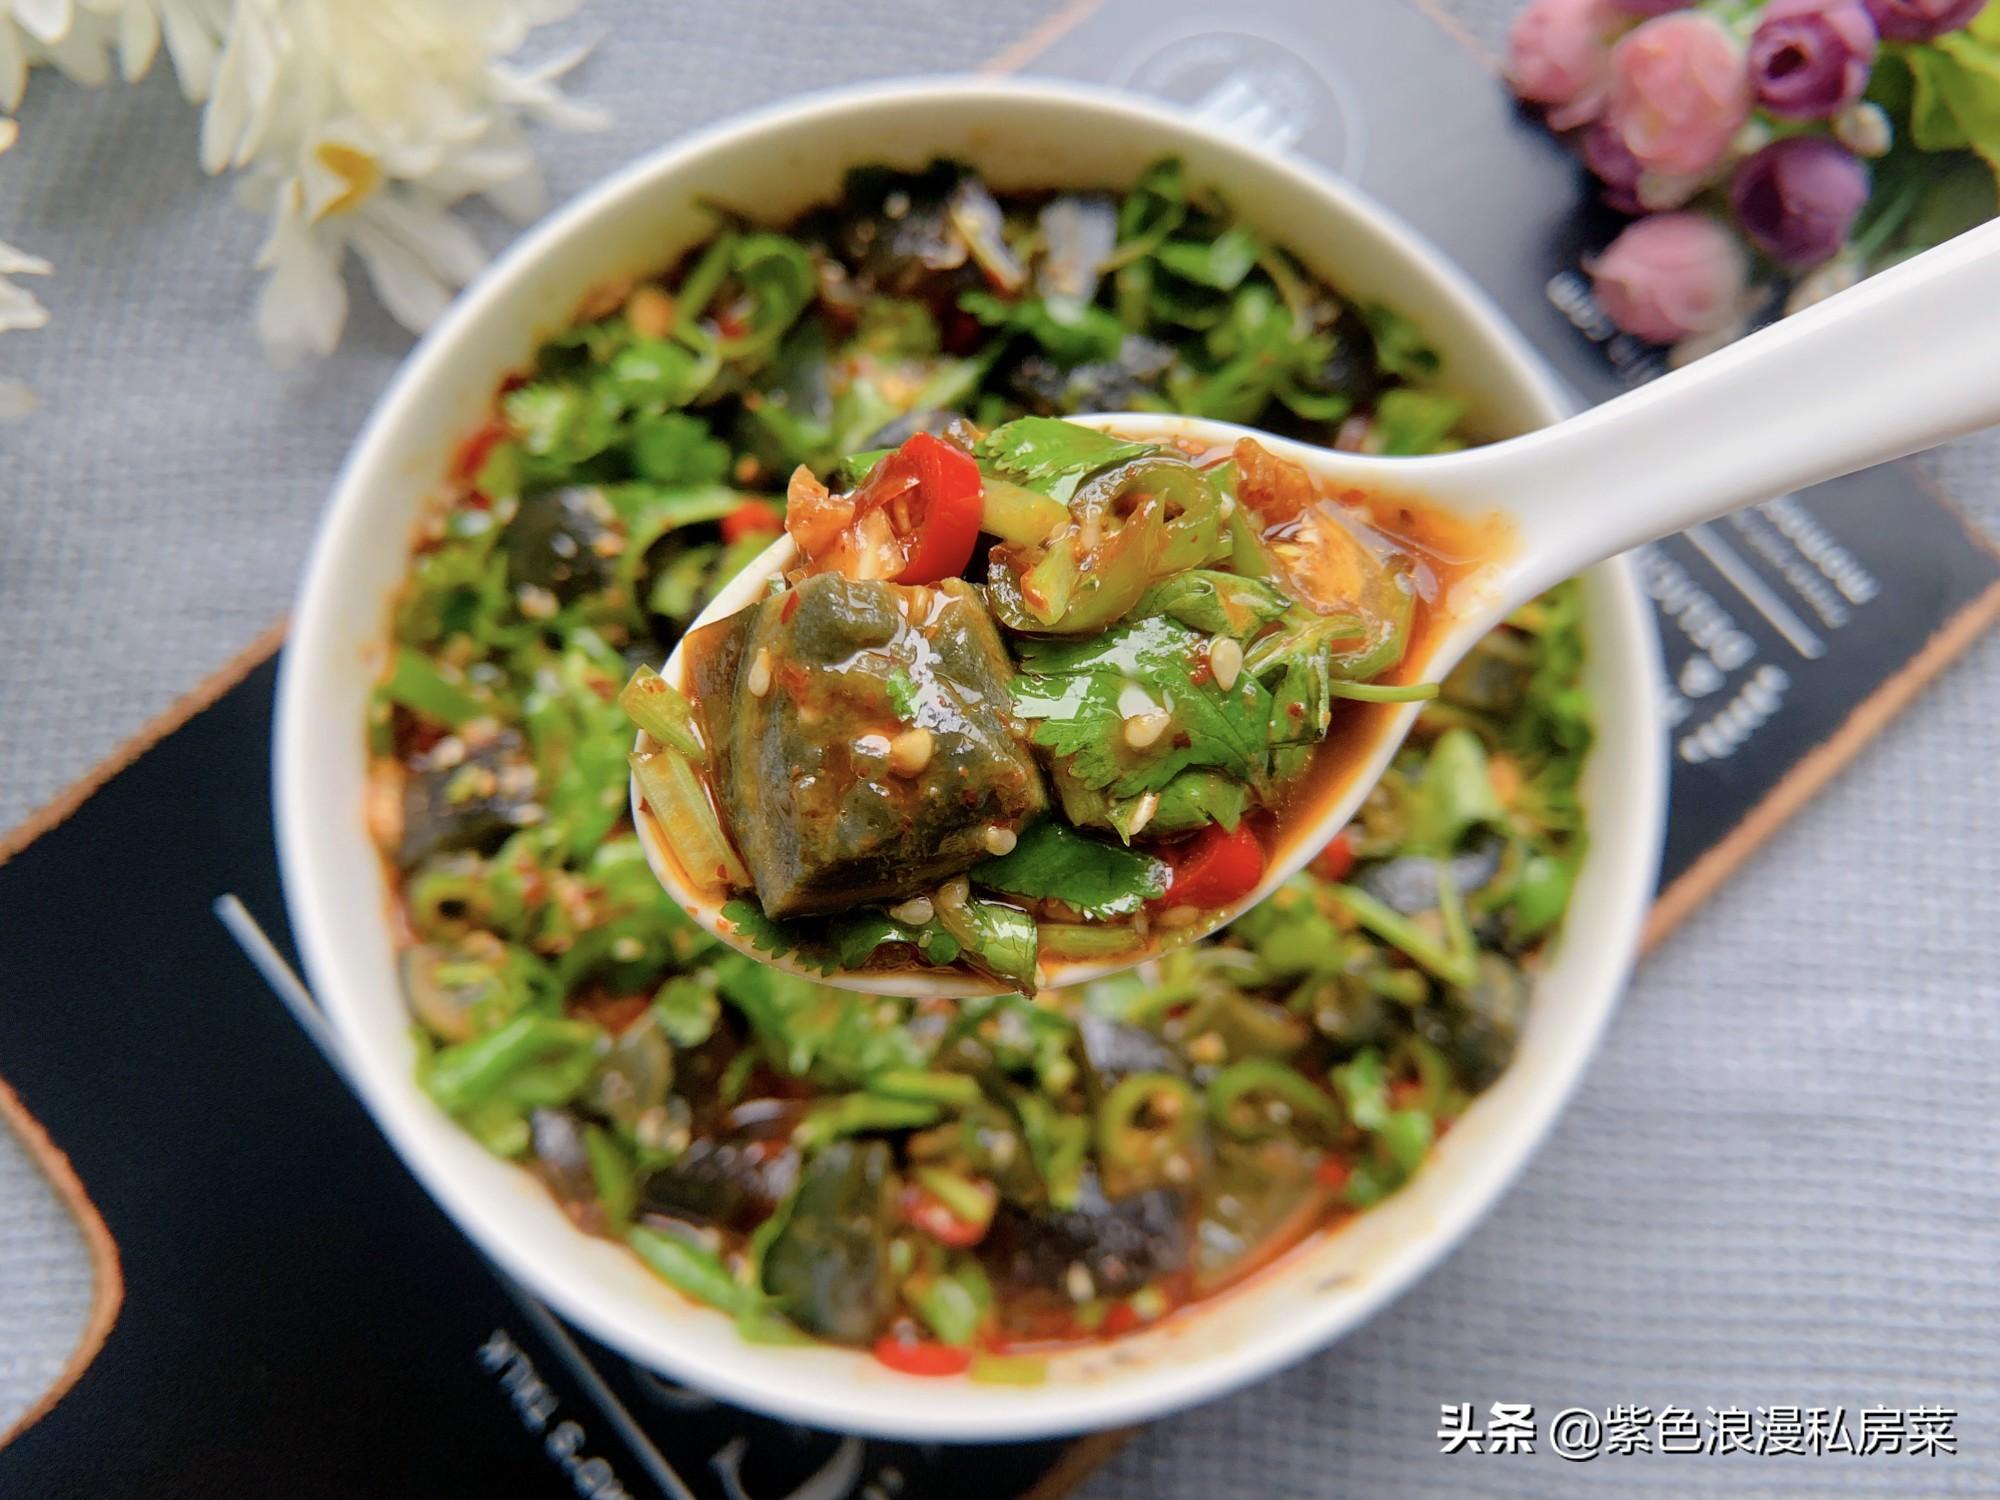 胃口不好的时候,最爱这道菜,简单拌一拌,酸辣开胃,越吃越香 美食做法 第2张